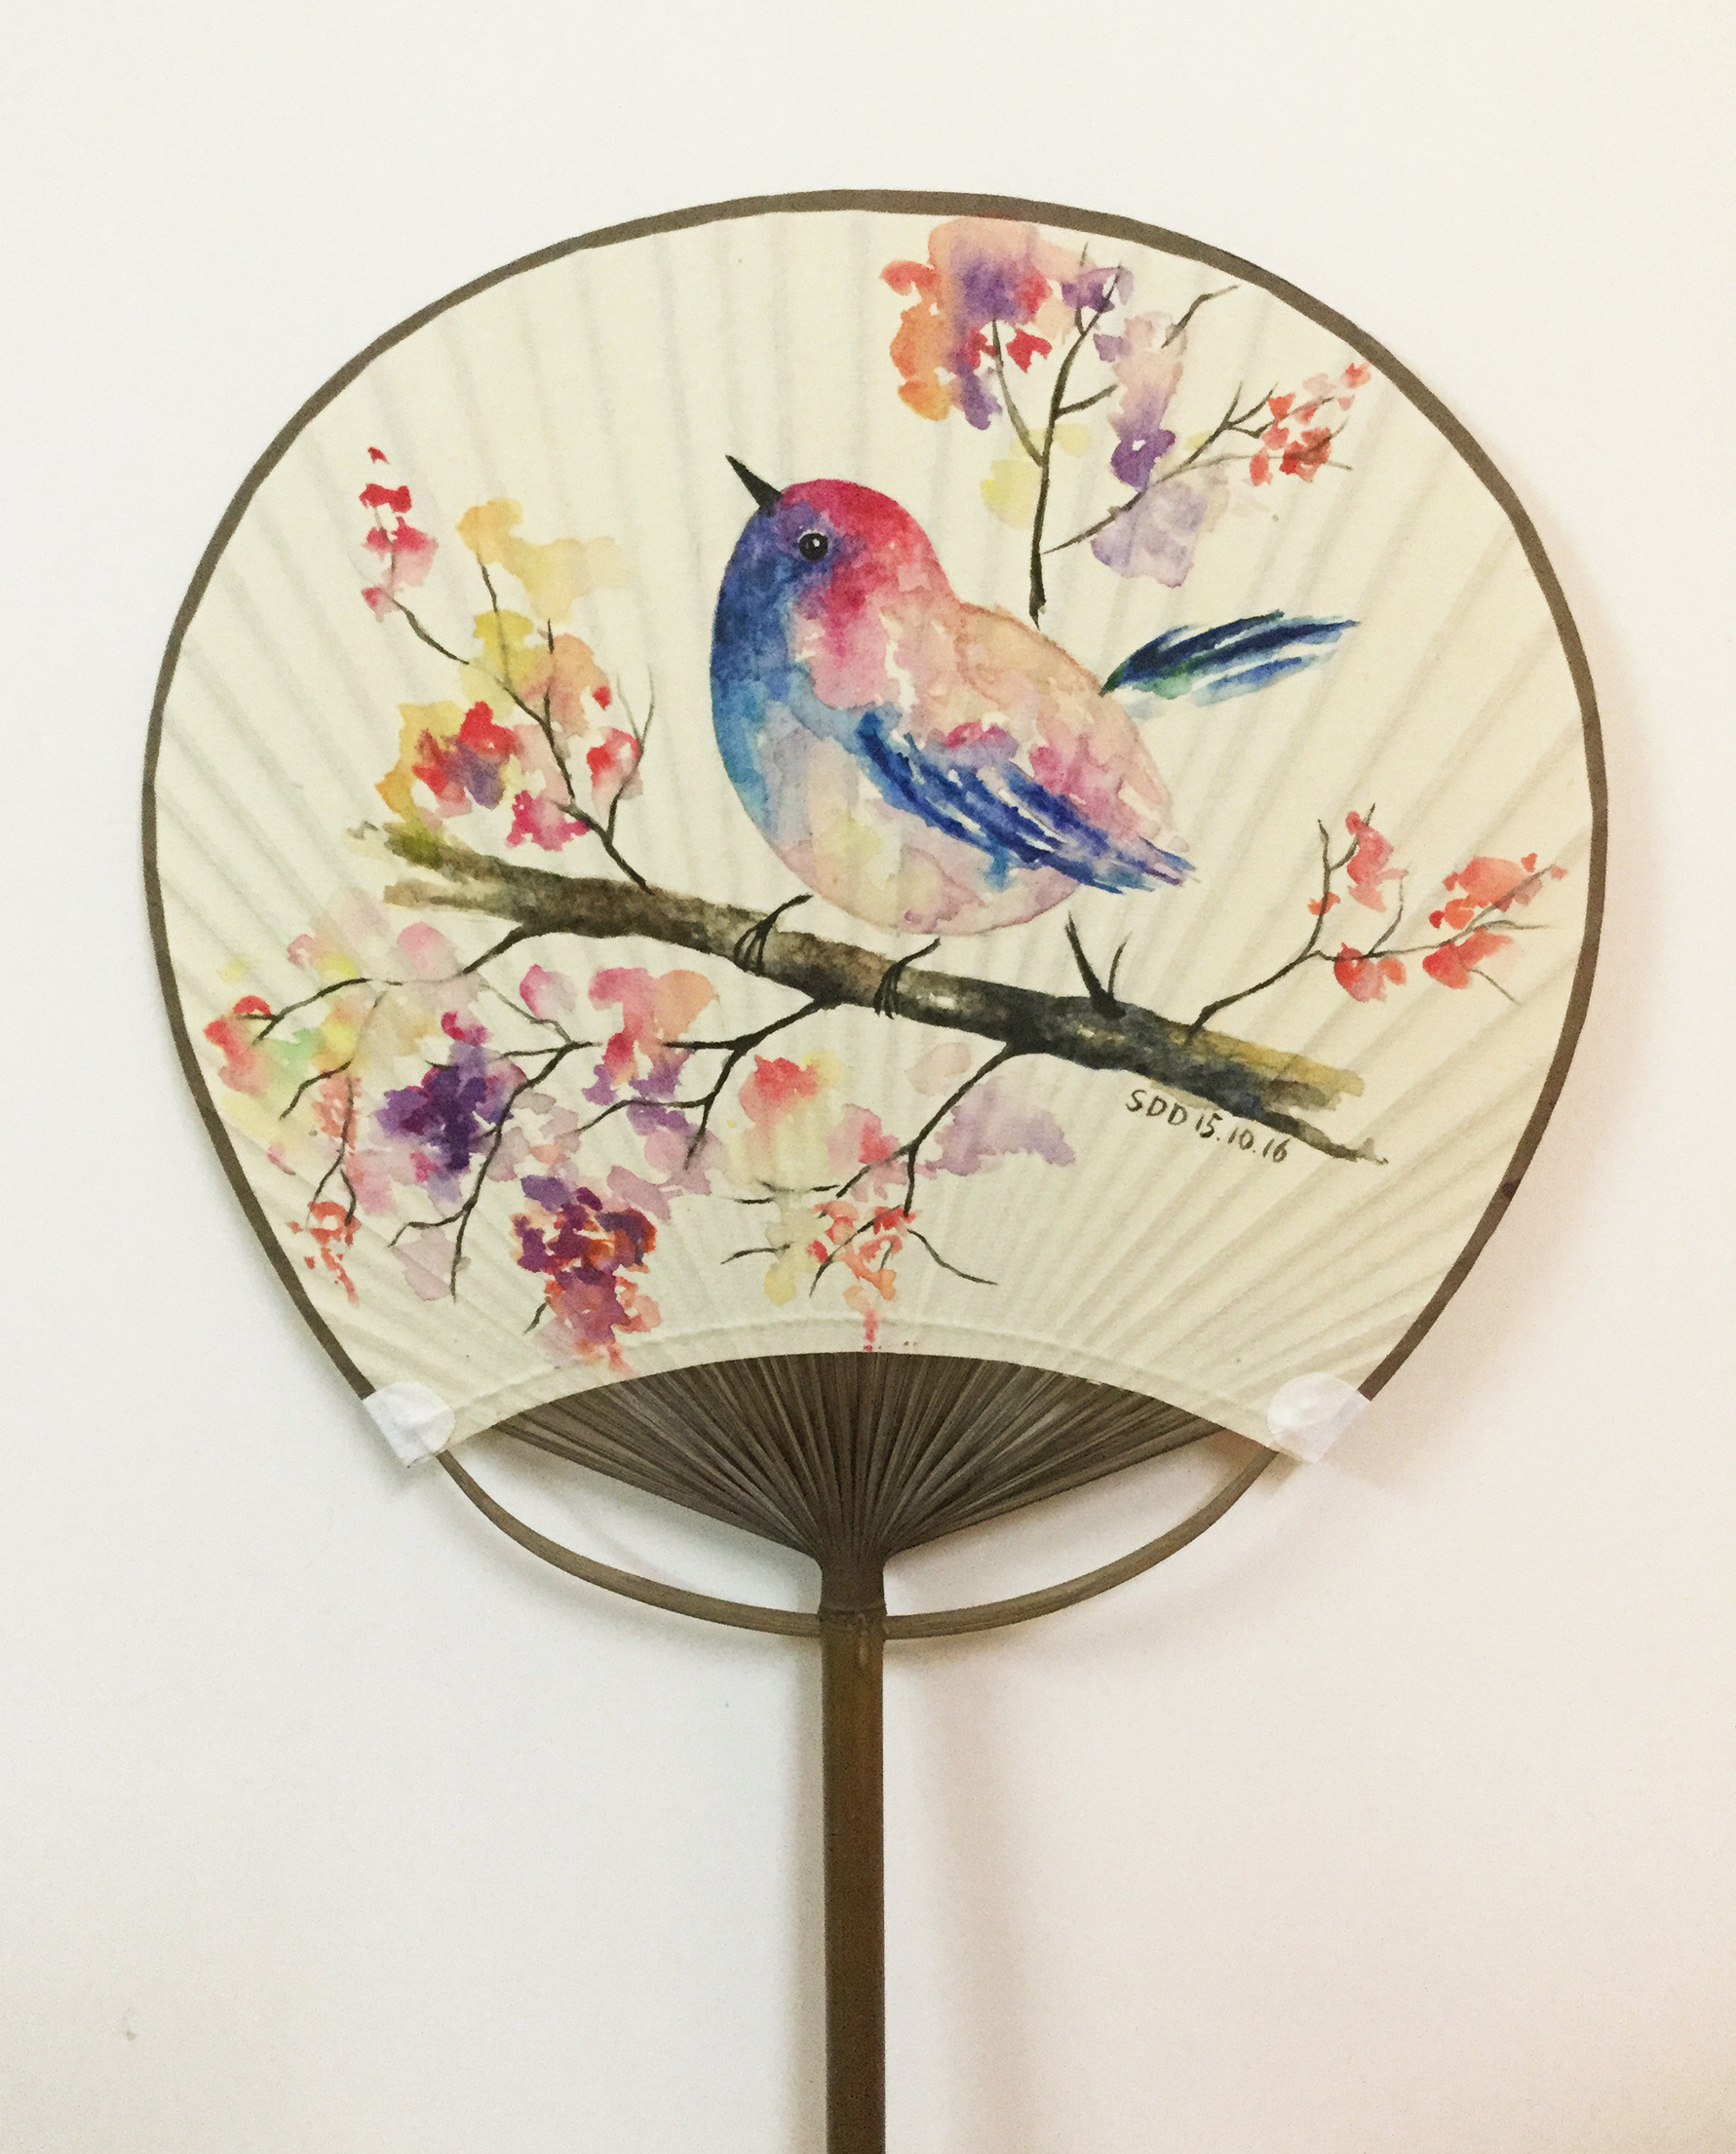 原创水彩画-扇子与小鸟图片